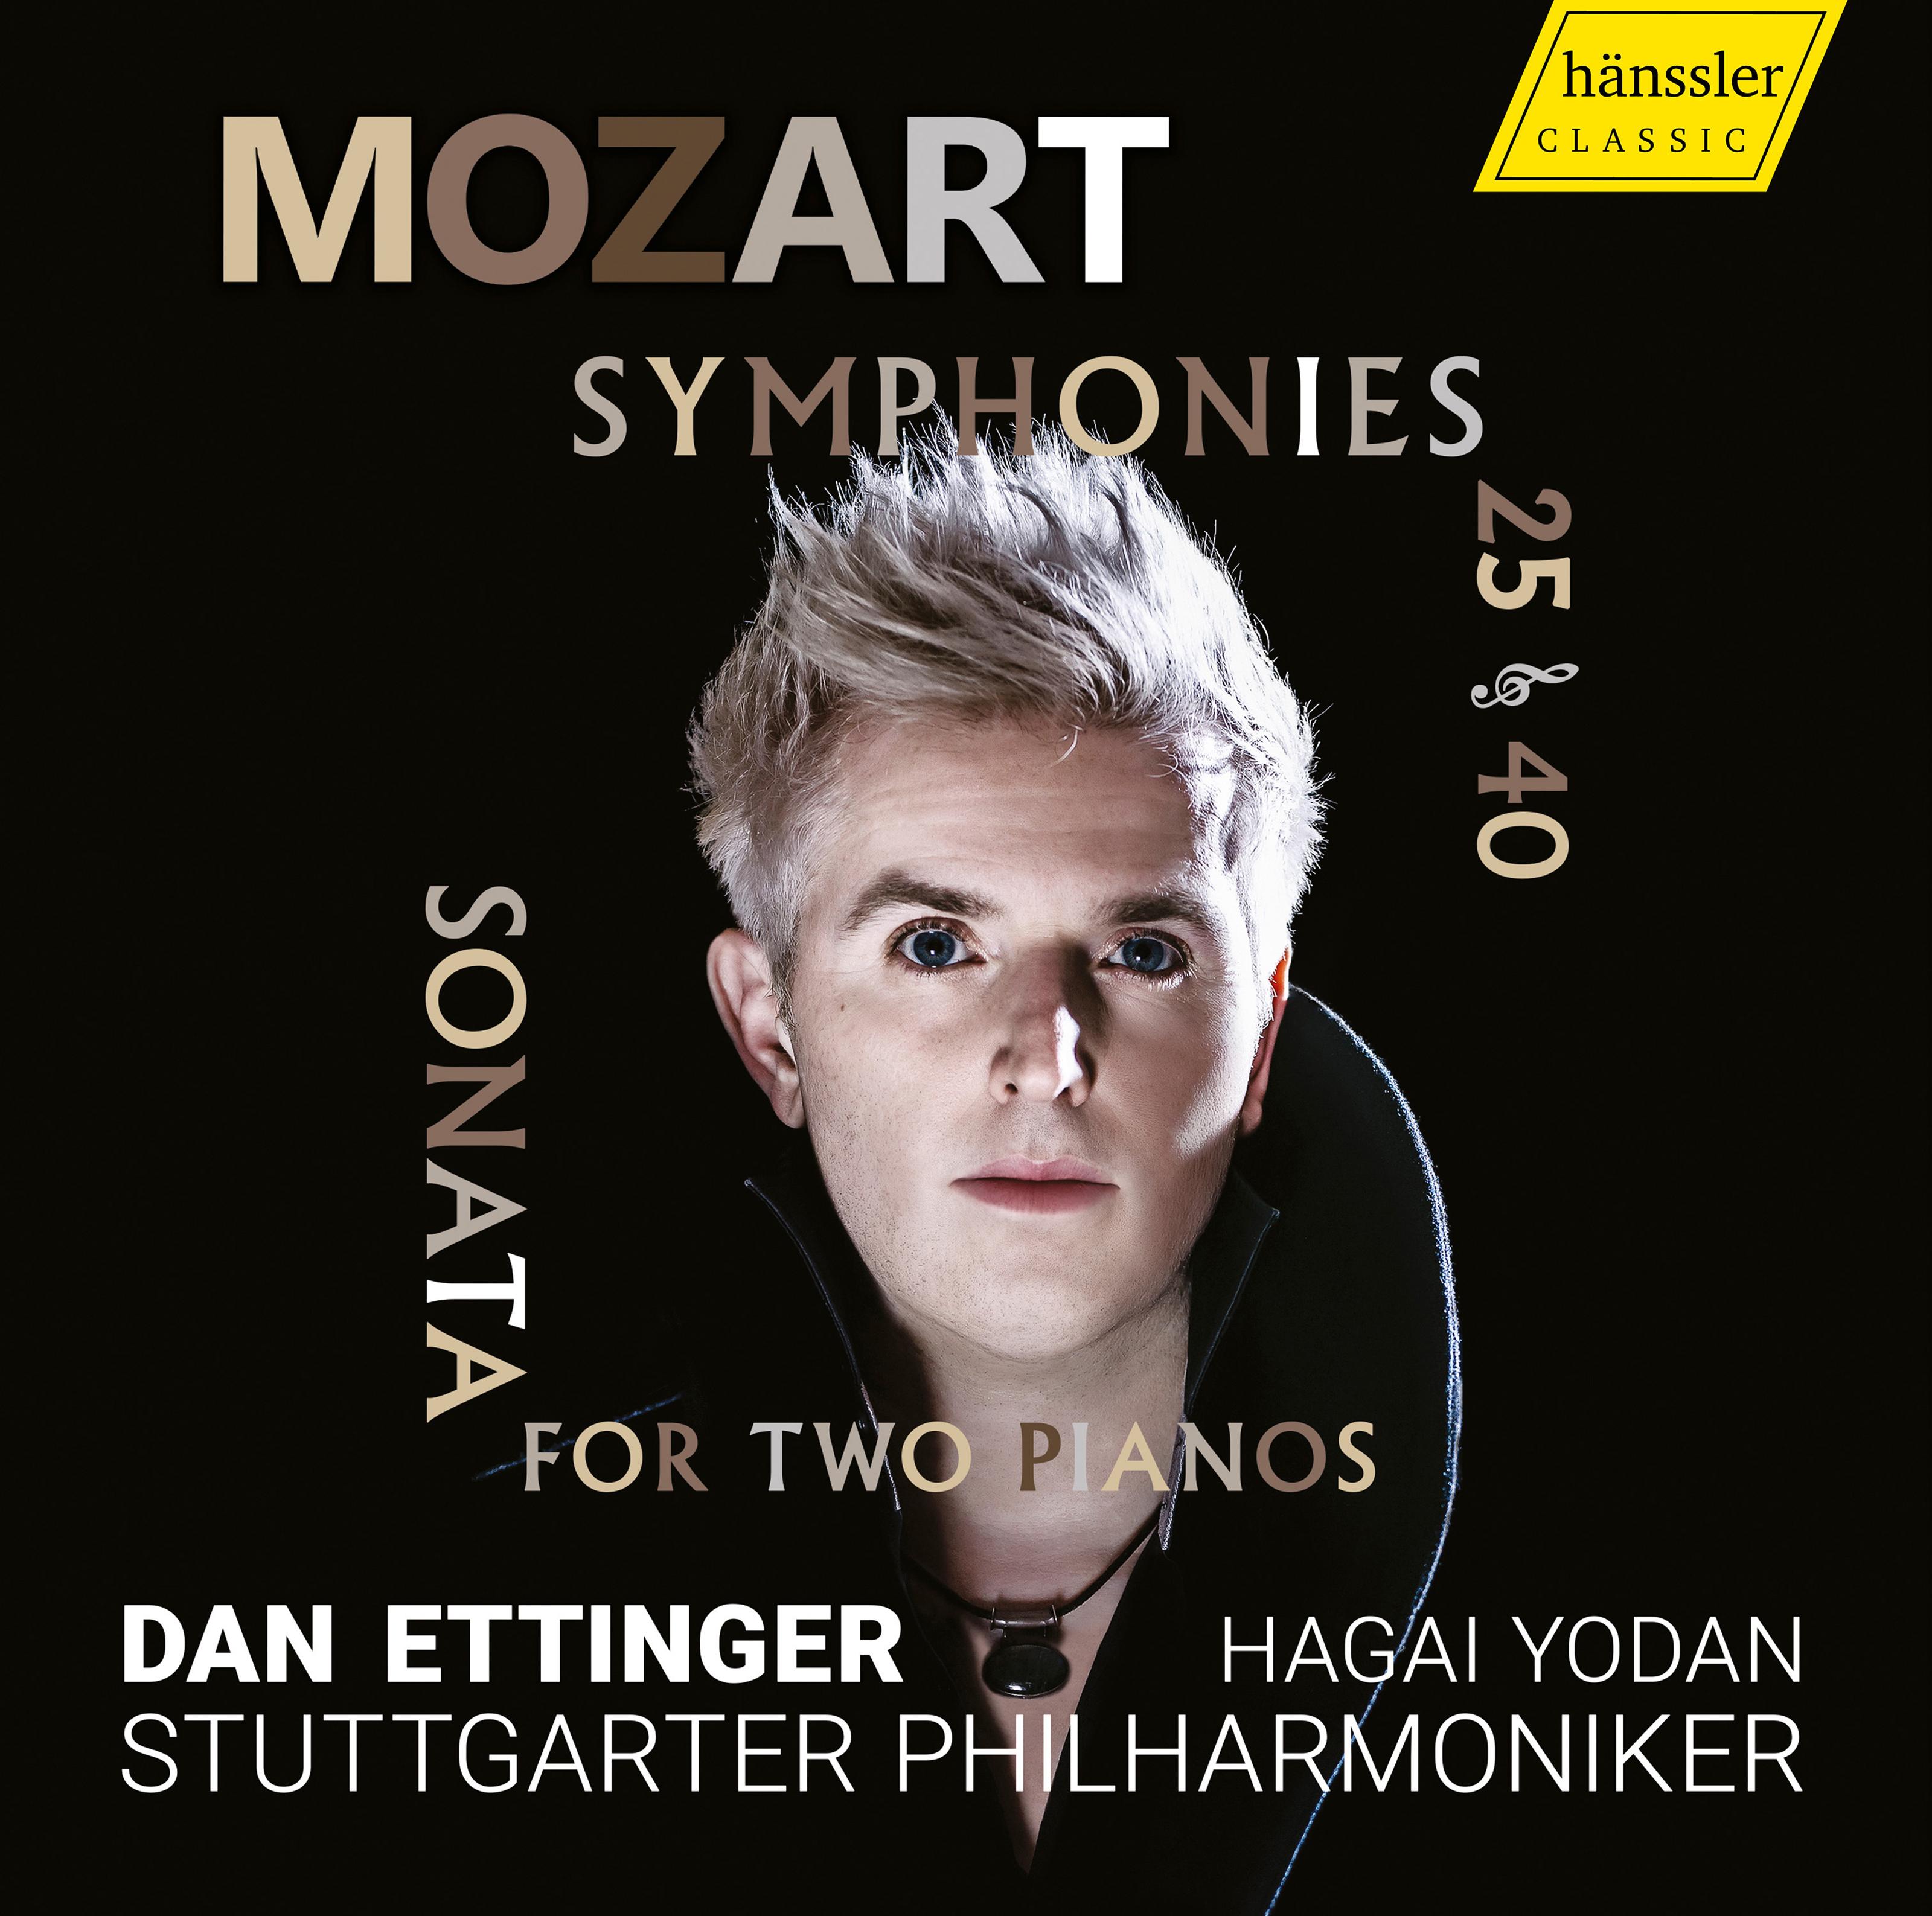 Mozart: Symphonies Nos  25 and 40 & Sonata for 2 Pianos, K  448